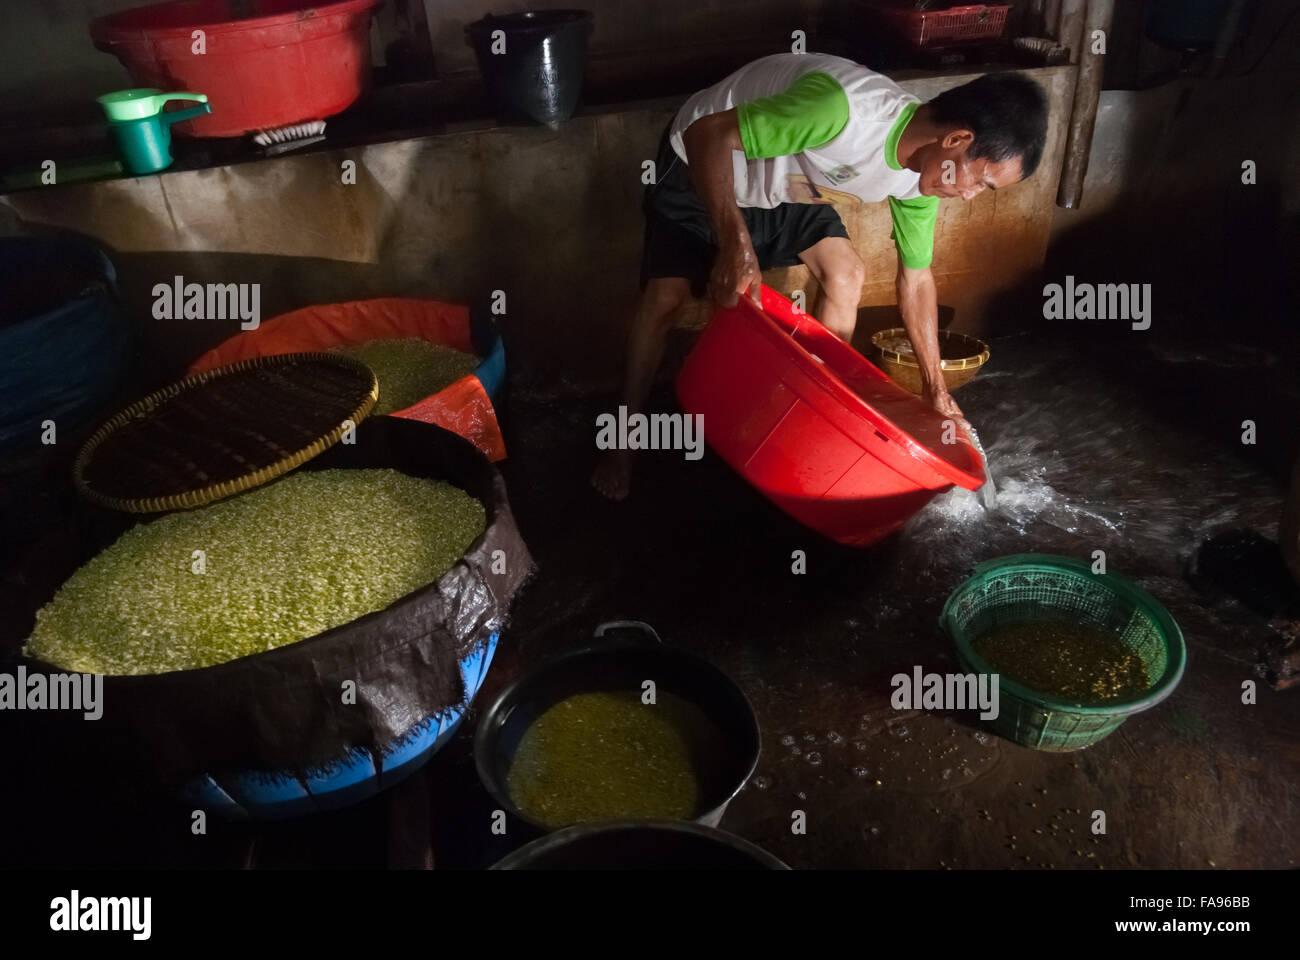 Un homme versant de l'eau des déchets qu'il lave les haricots mungo dans un foyer de l'industrie Photo Stock